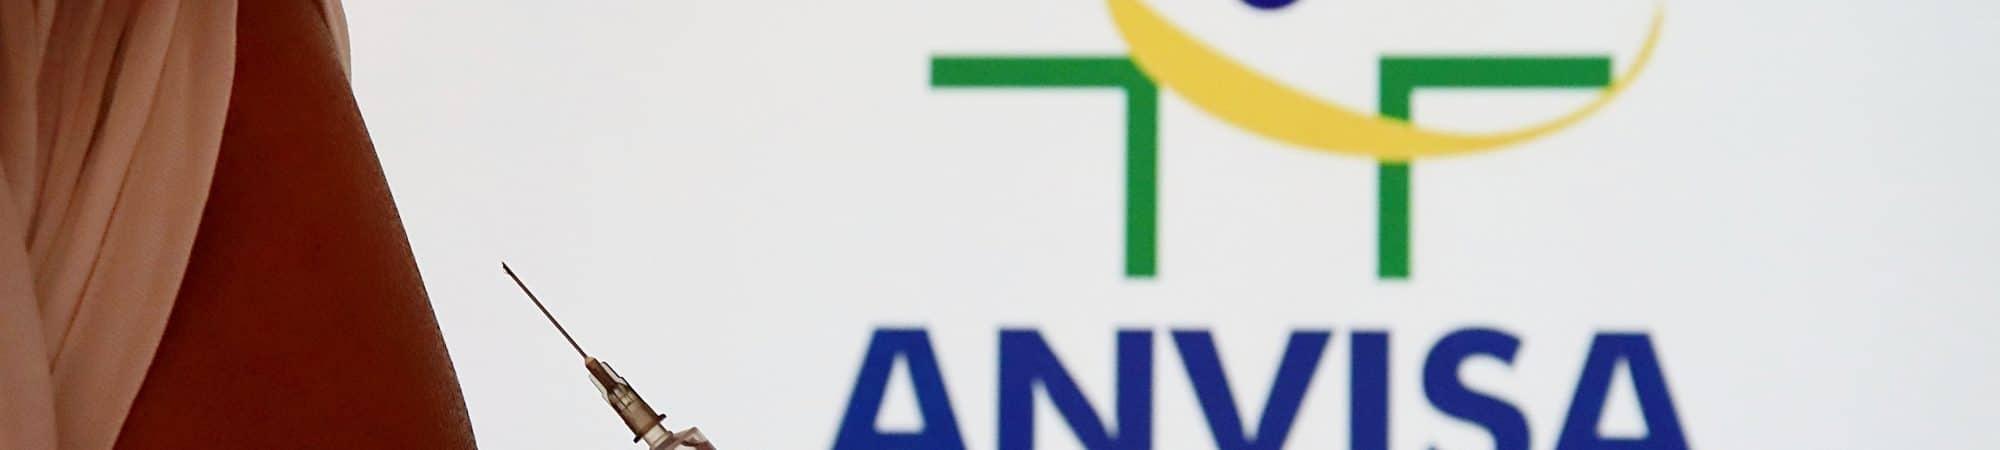 Campanha de vacinação é iniciada após aprovação de vacinas para uso emergencial pela Anvisa